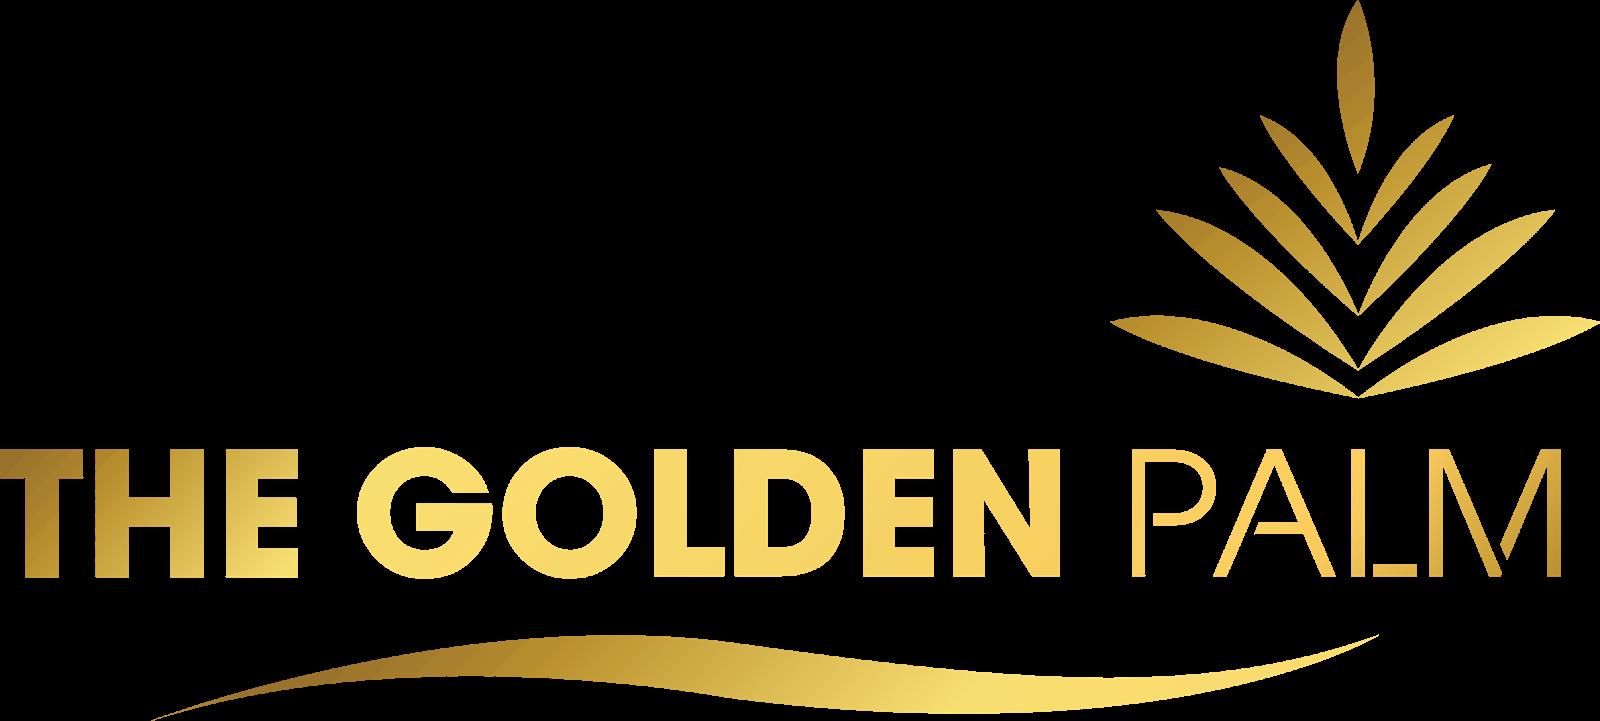 Chung cư The Goden Palm Lê Văn Lương CĐT HDI